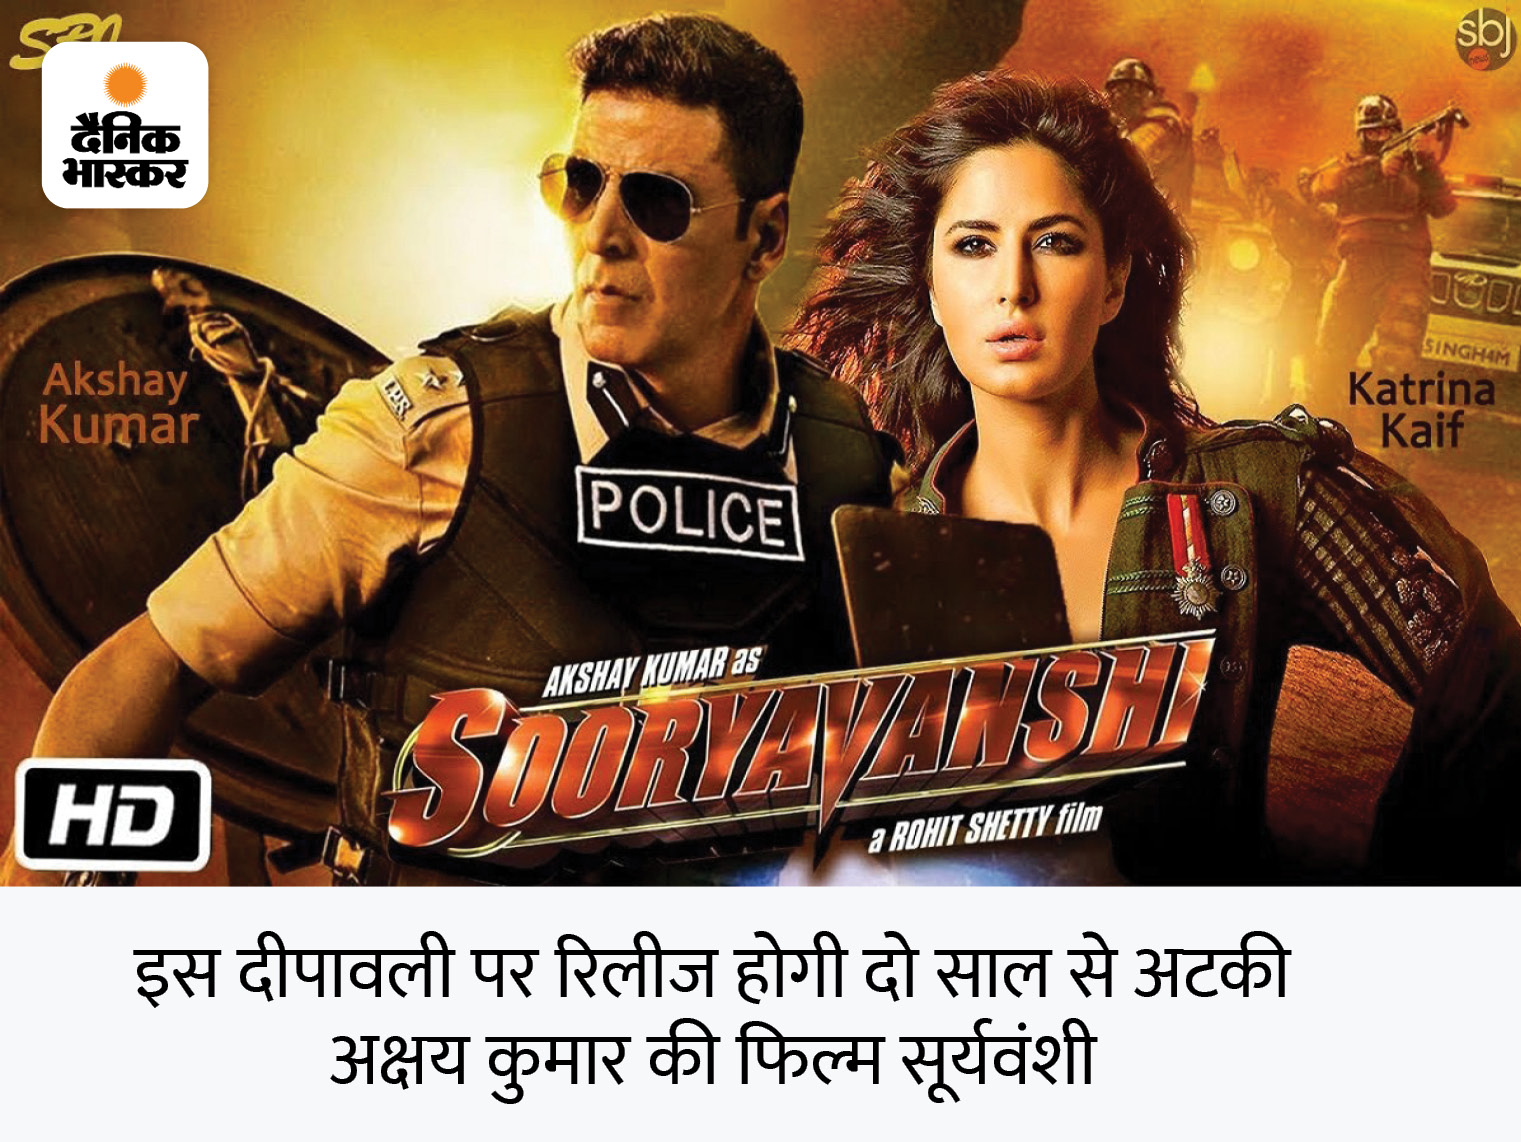 फिल्मों की रिलीज डेट अनाउंस होने का सिलसिला शुरू, बॉलीवुड की 19 फिल्मों में 1500 करोड़ दांव पर|बॉलीवुड,Bollywood - Dainik Bhaskar